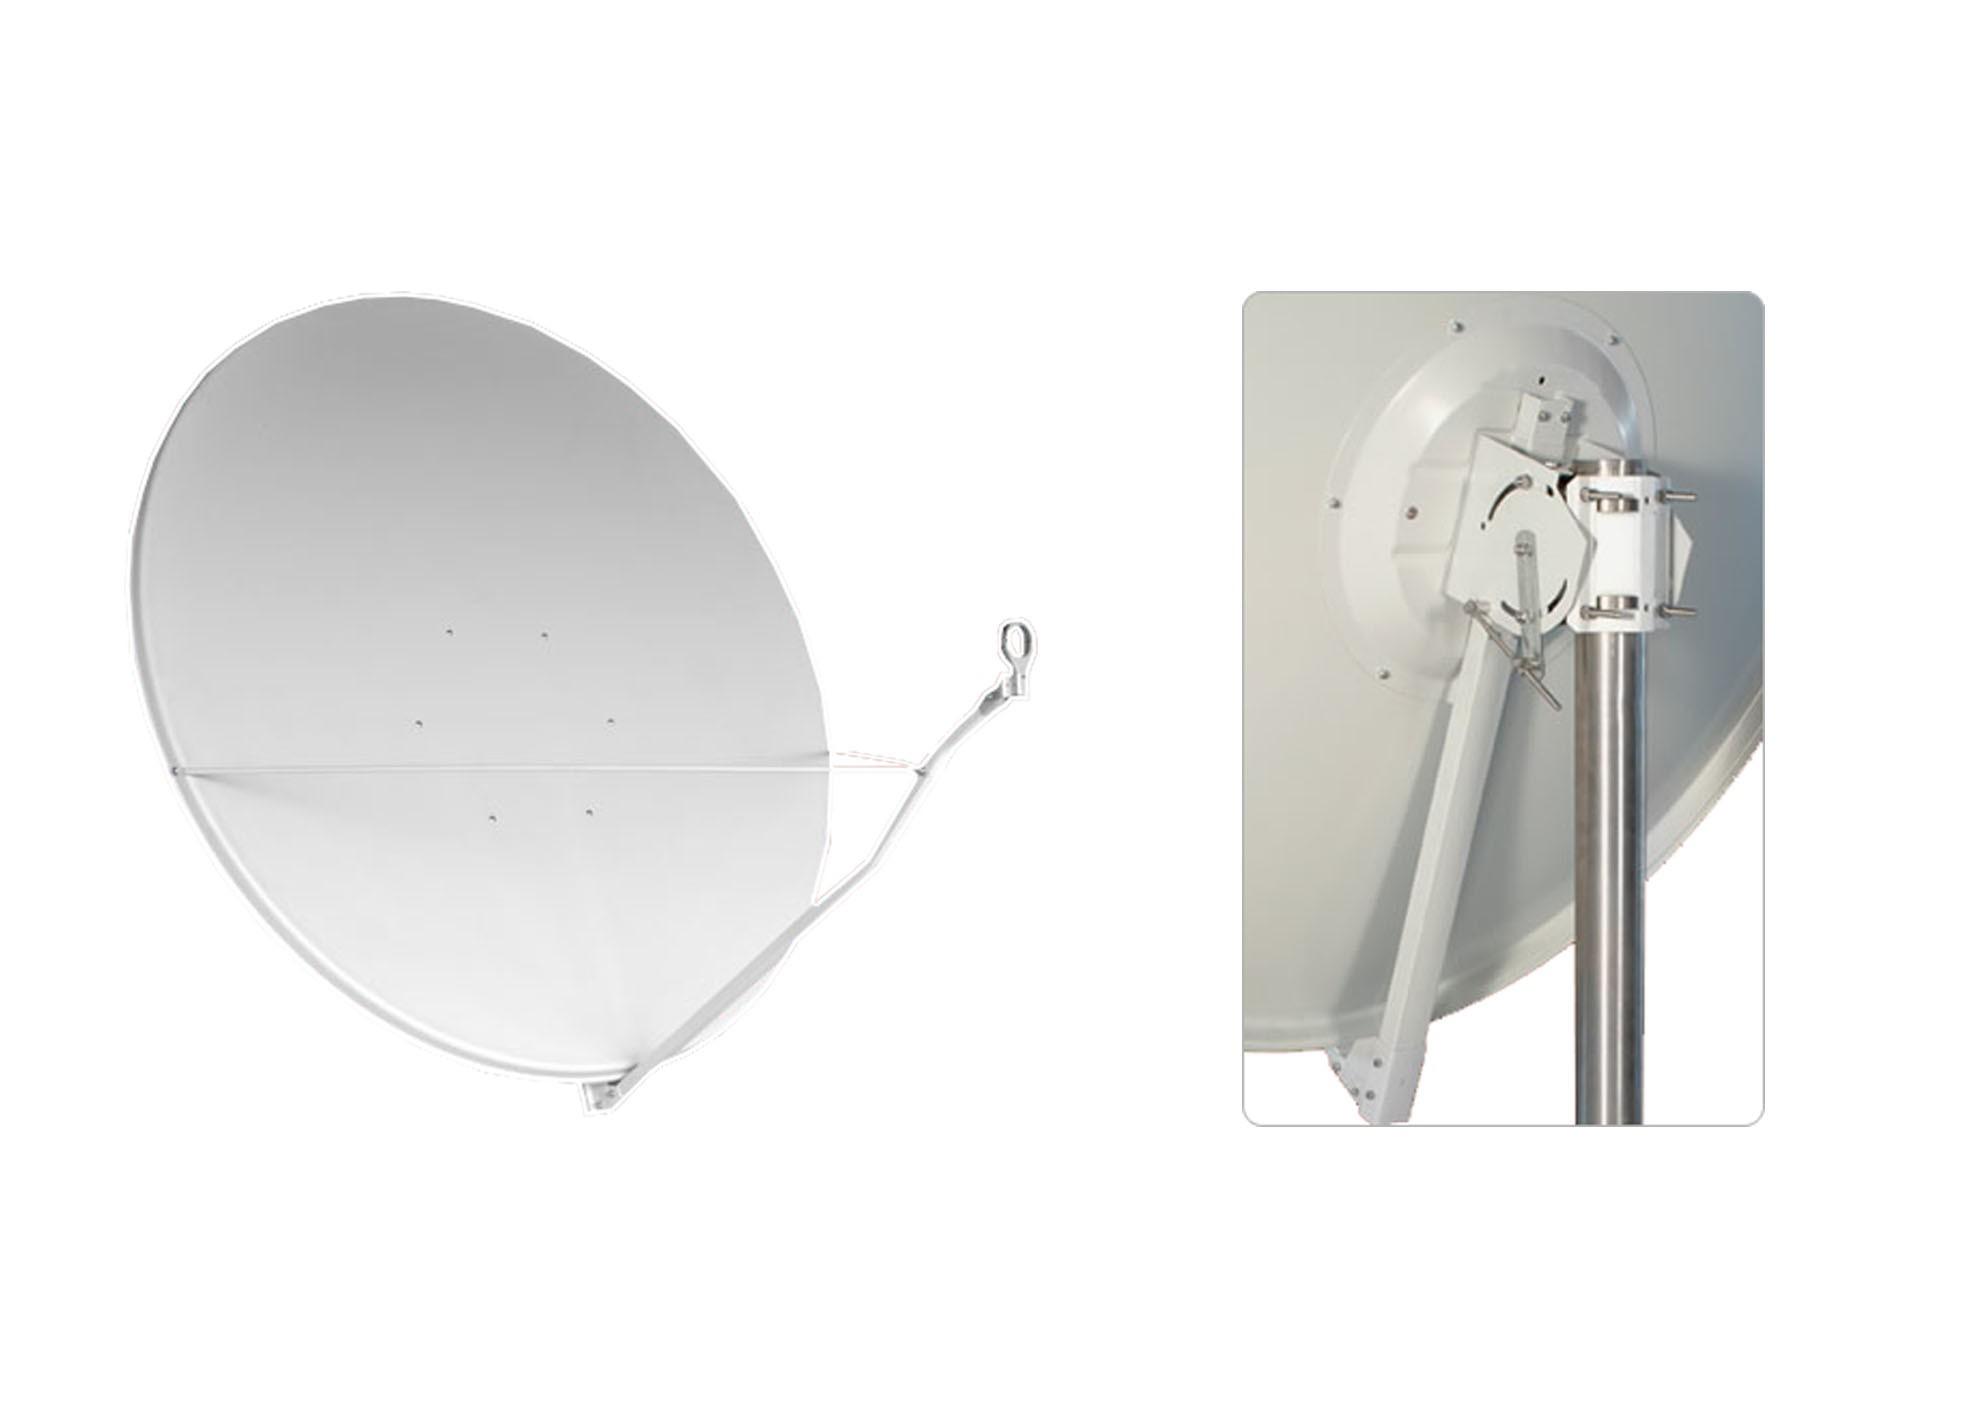 Satelitná parabola Gibertini 150 Al biela